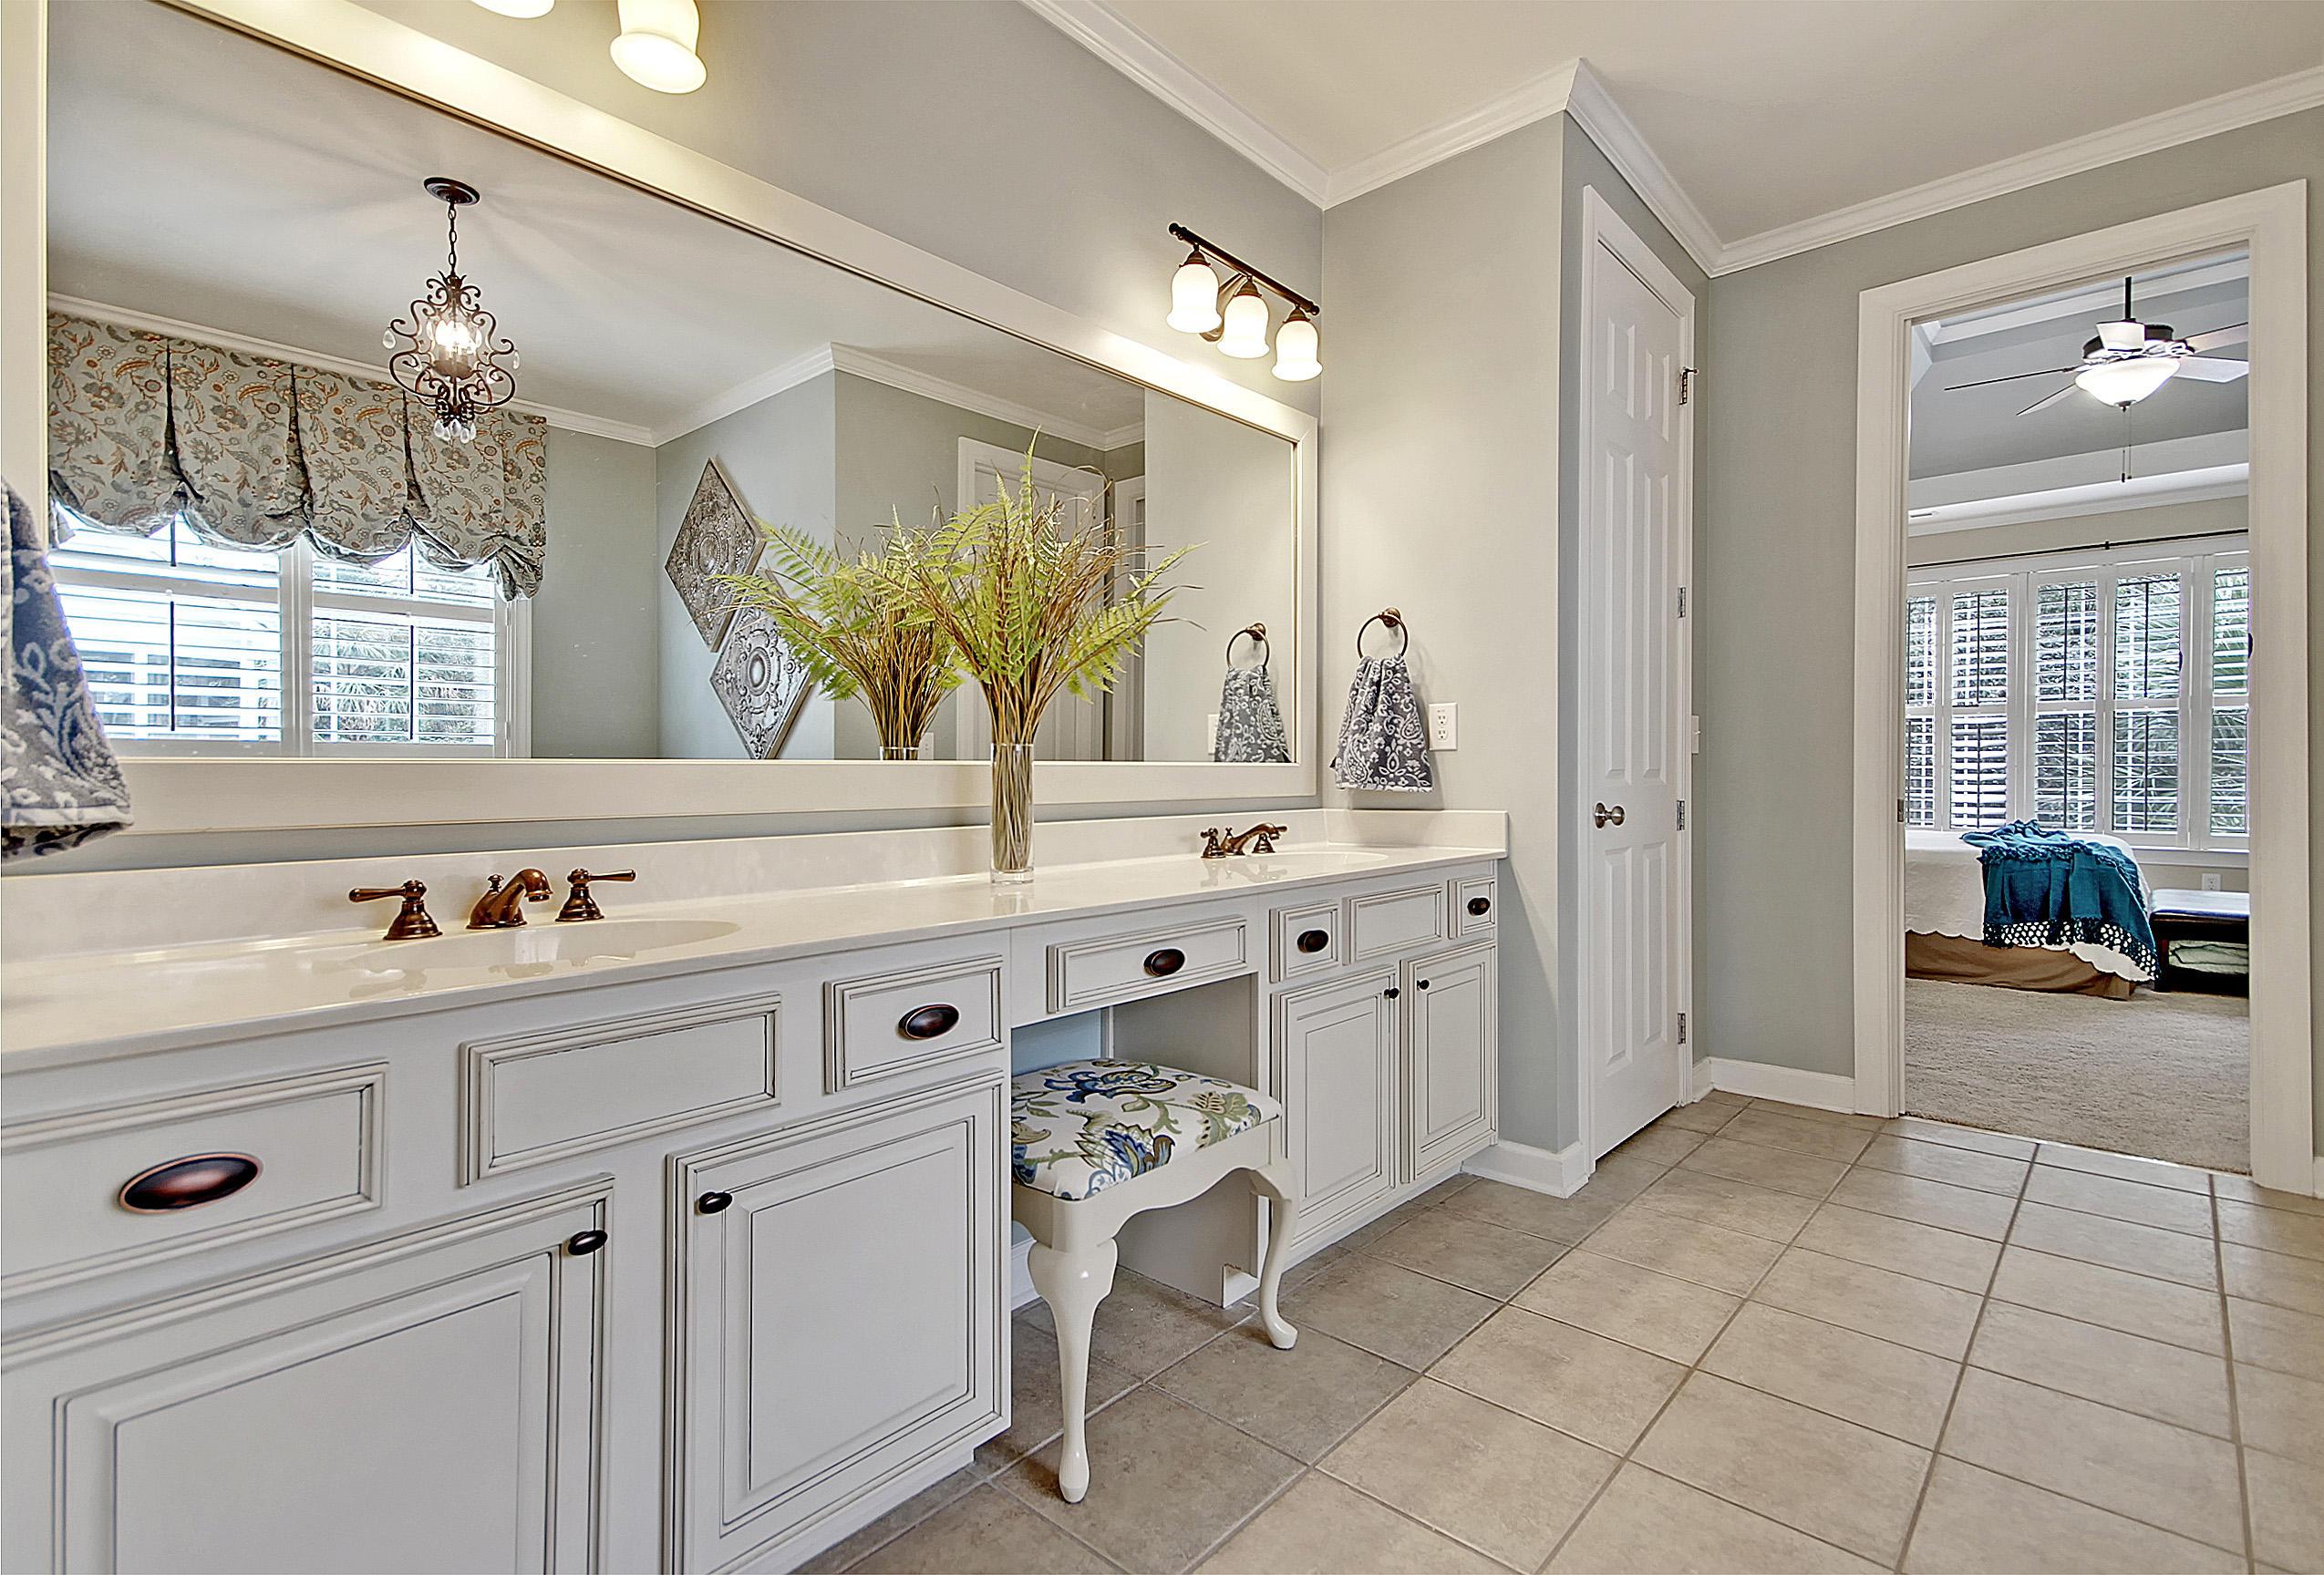 Dunes West Homes For Sale - 3056 Riverwood, Mount Pleasant, SC - 29